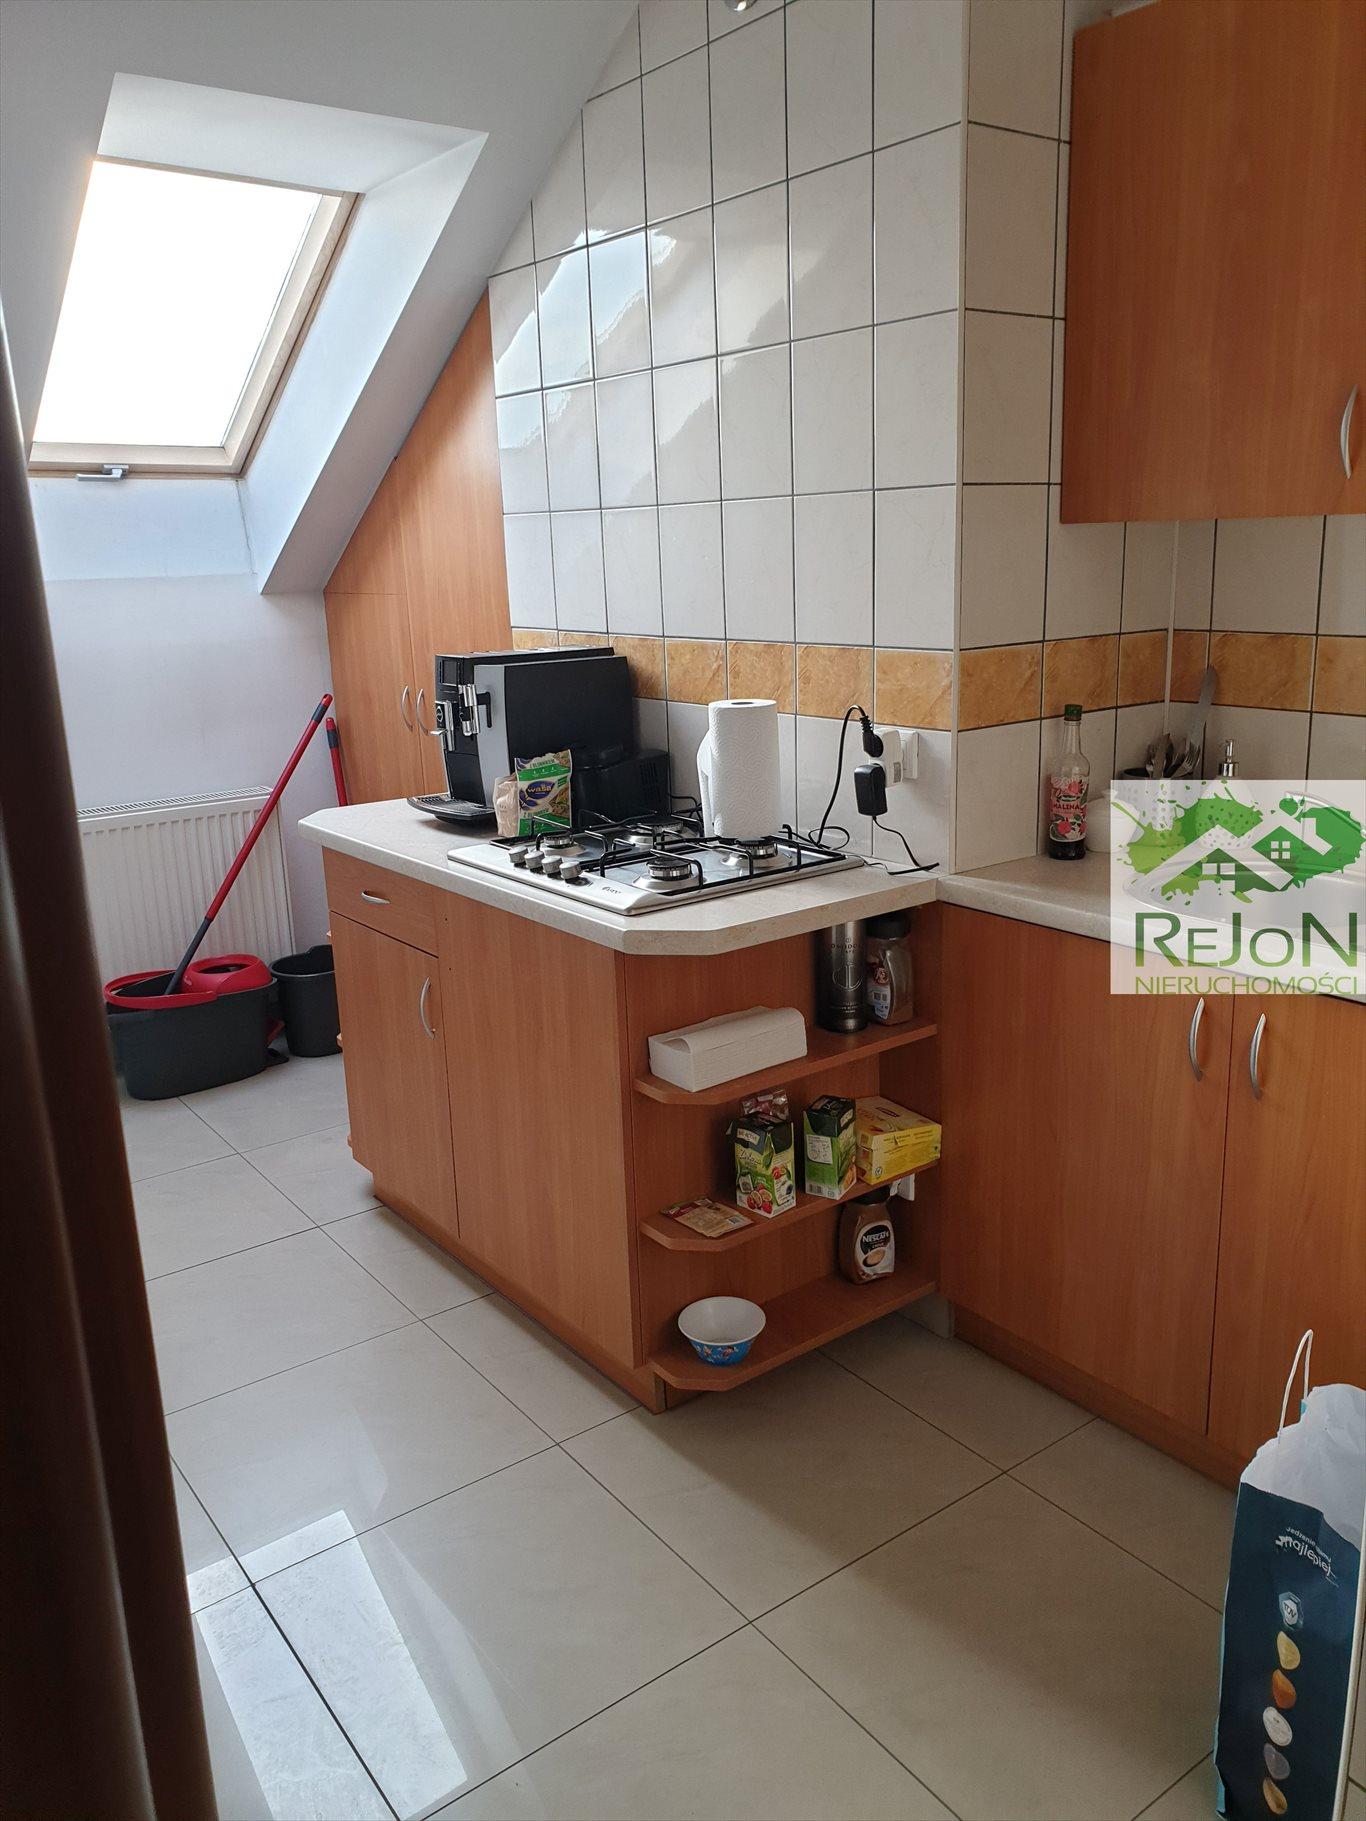 Lokal użytkowy na wynajem Gliwice, Śródmieście  68m2 Foto 6